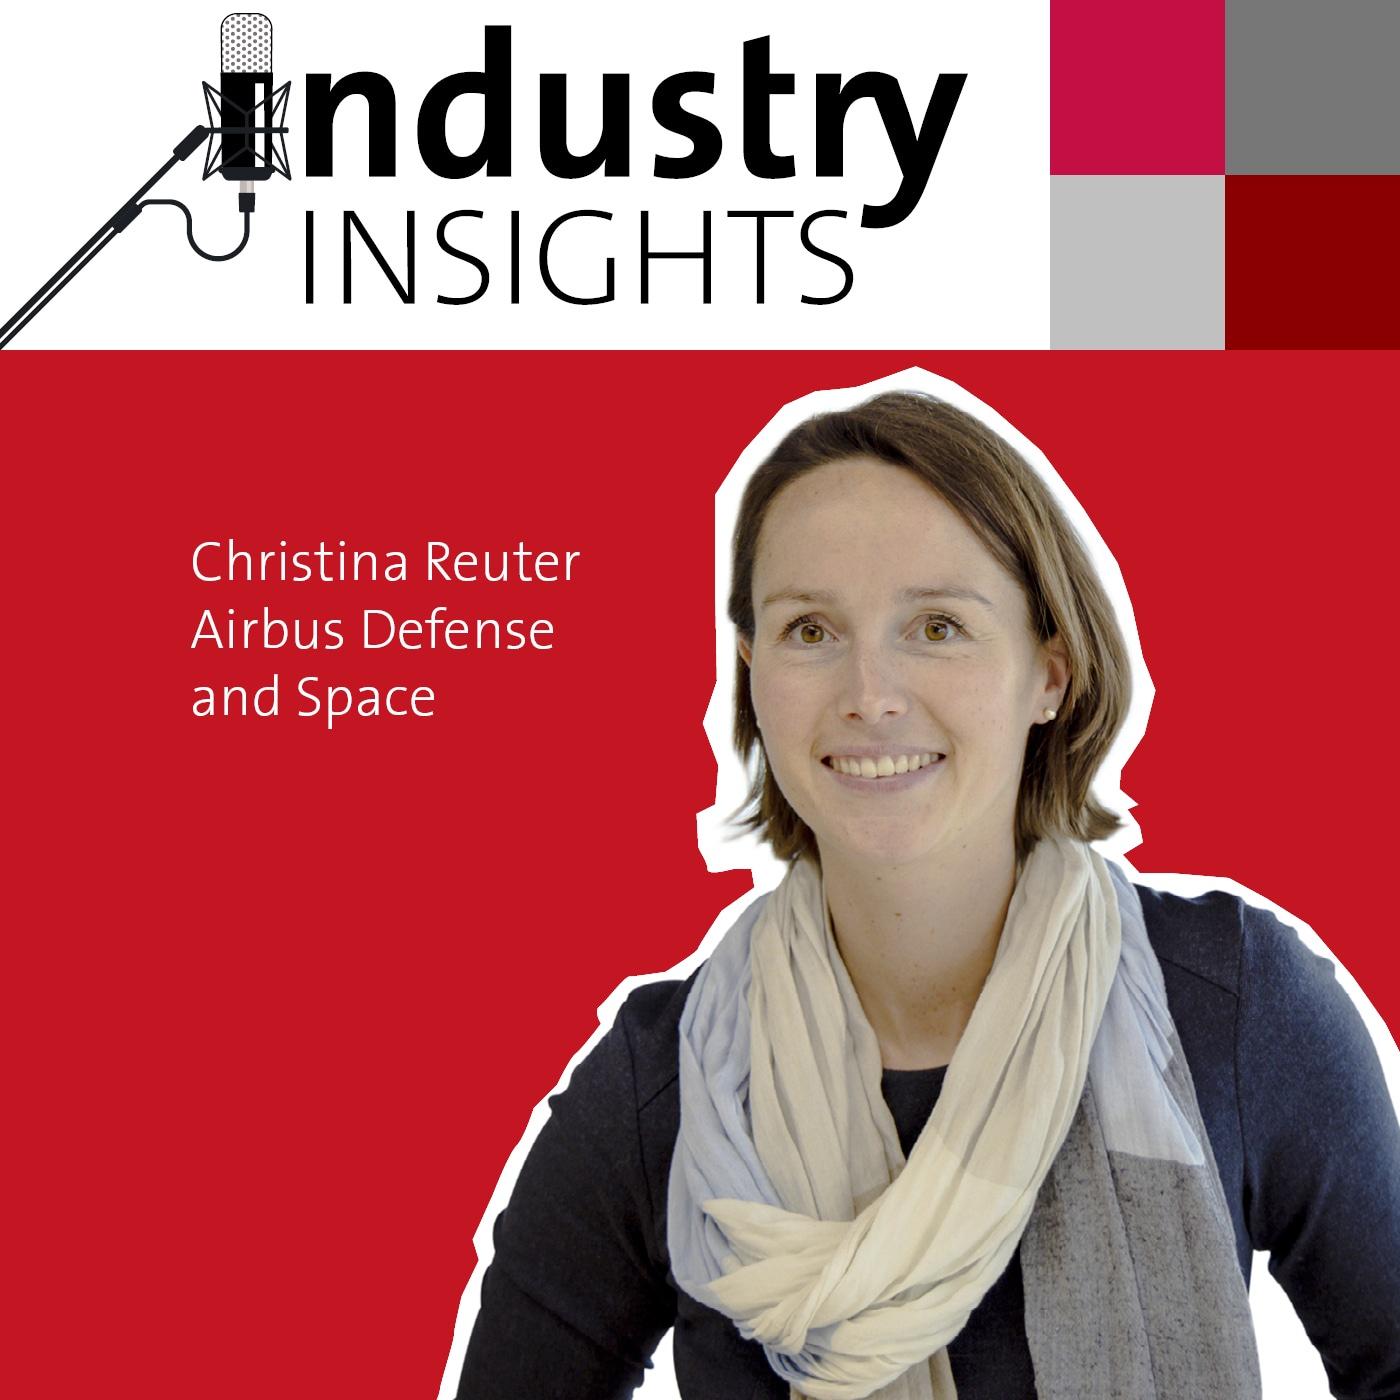 Christina Reuter über Digitalisierung bei Airbus, ihr Kion-Aufsichtsratsmandat und Frauen in technischen Berufen